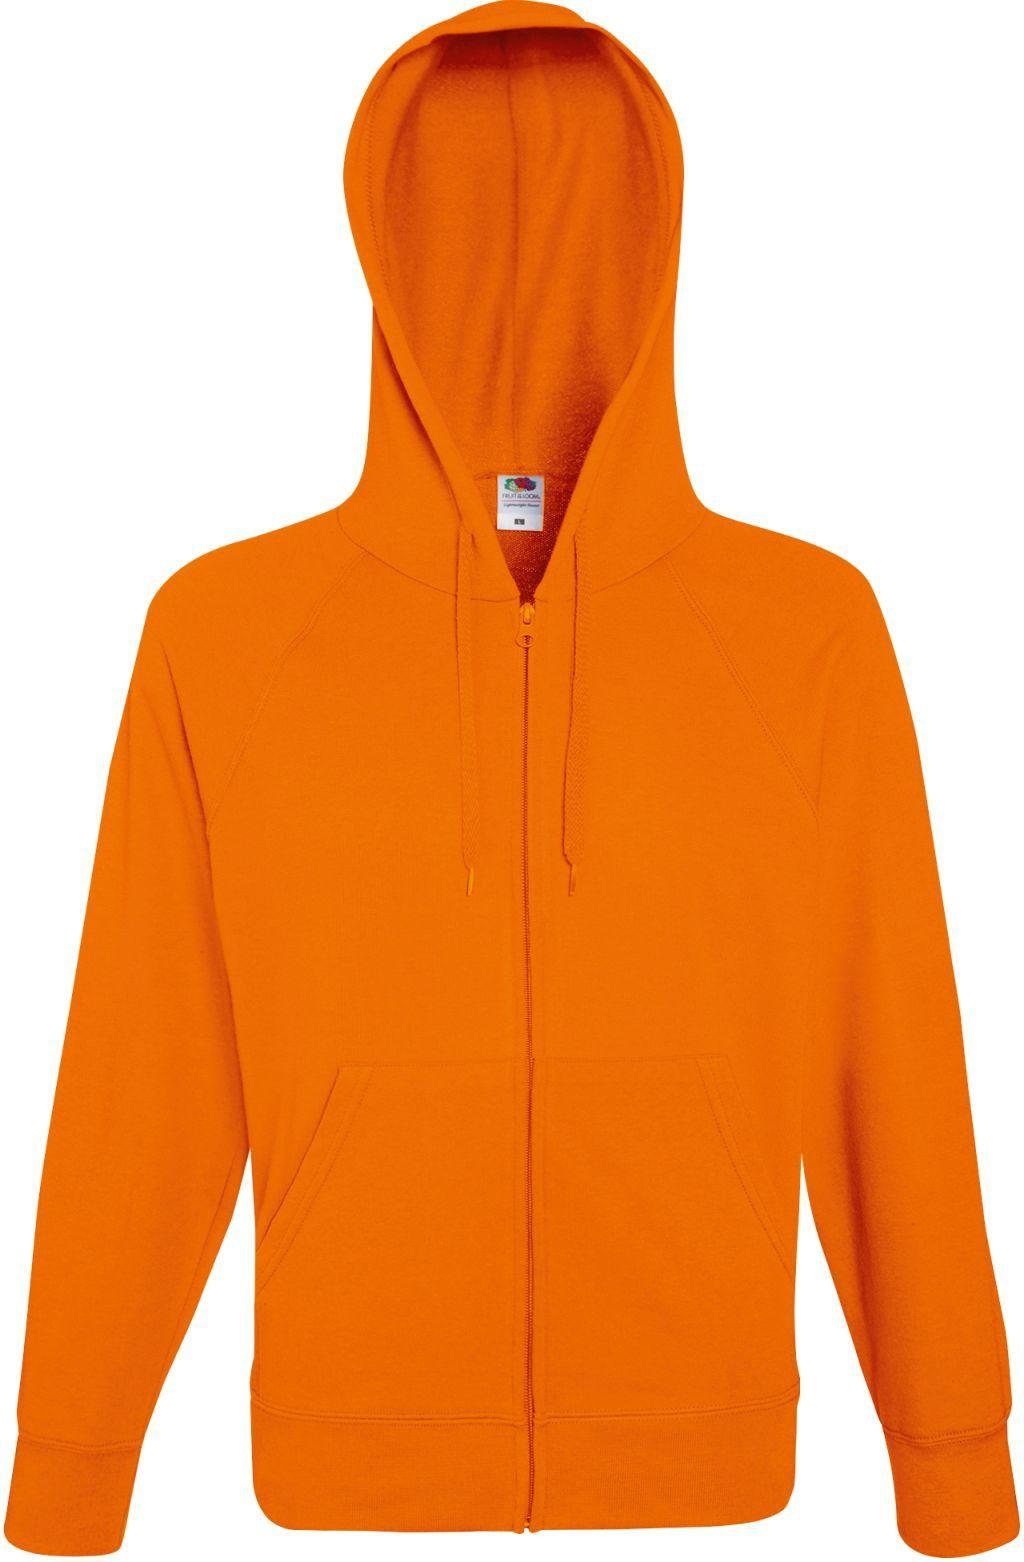 4edcac80da43 Bluza męska rozpinana z kapturem Lightweight Pomarańczowa M    Fruit ...